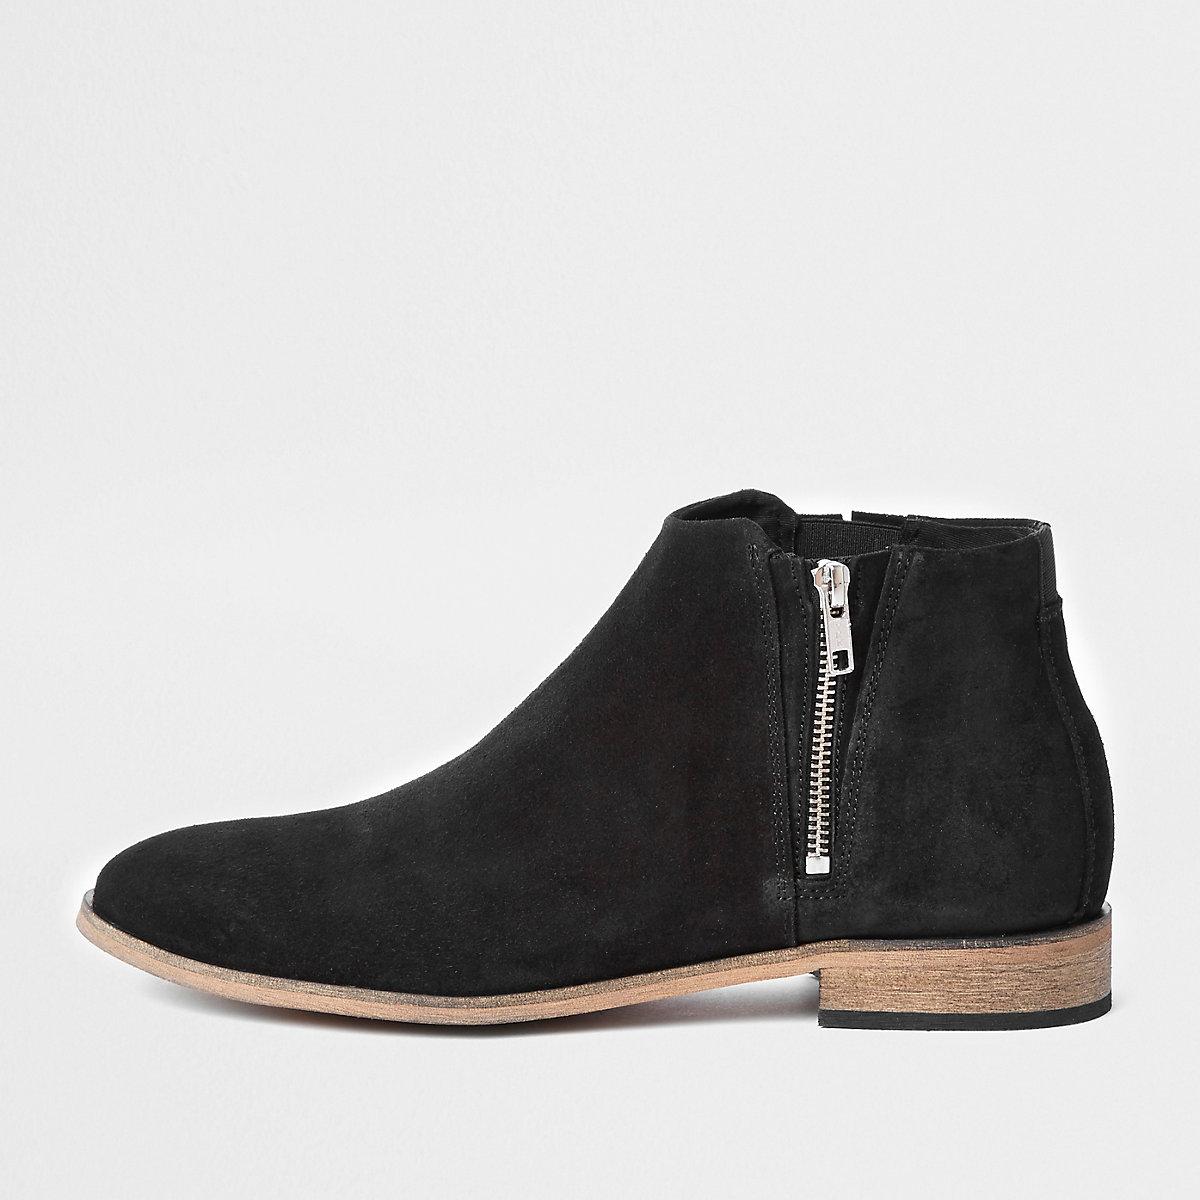 Black suede zip chelsea boots